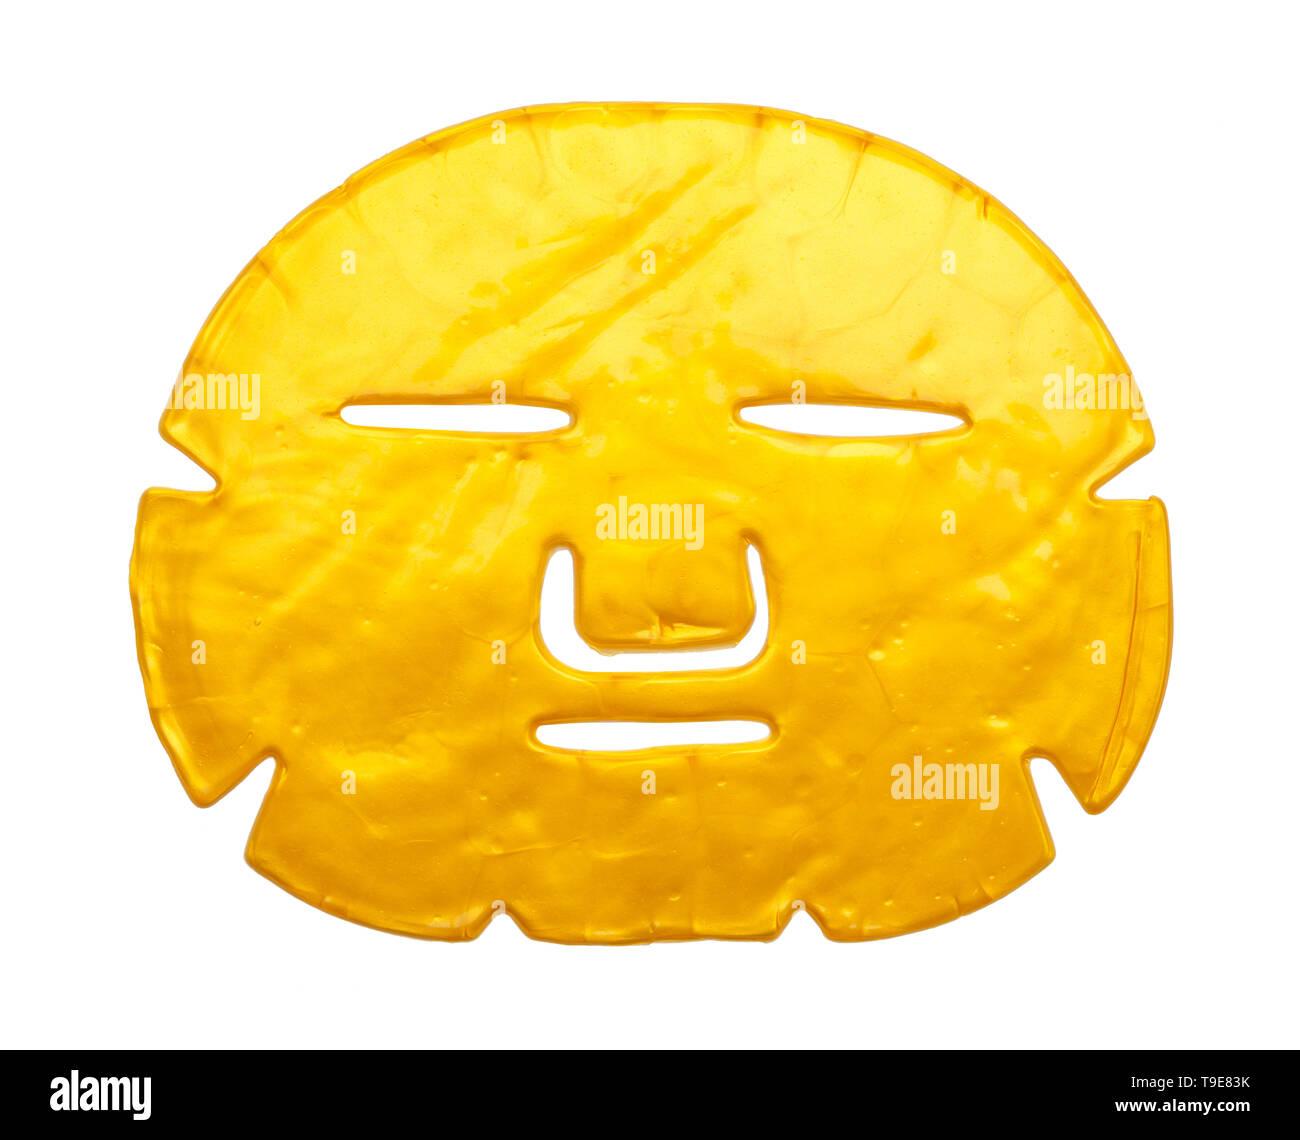 Gold Gesichtspflege Maske isoliert auf weißem Hintergrund. Stockbild